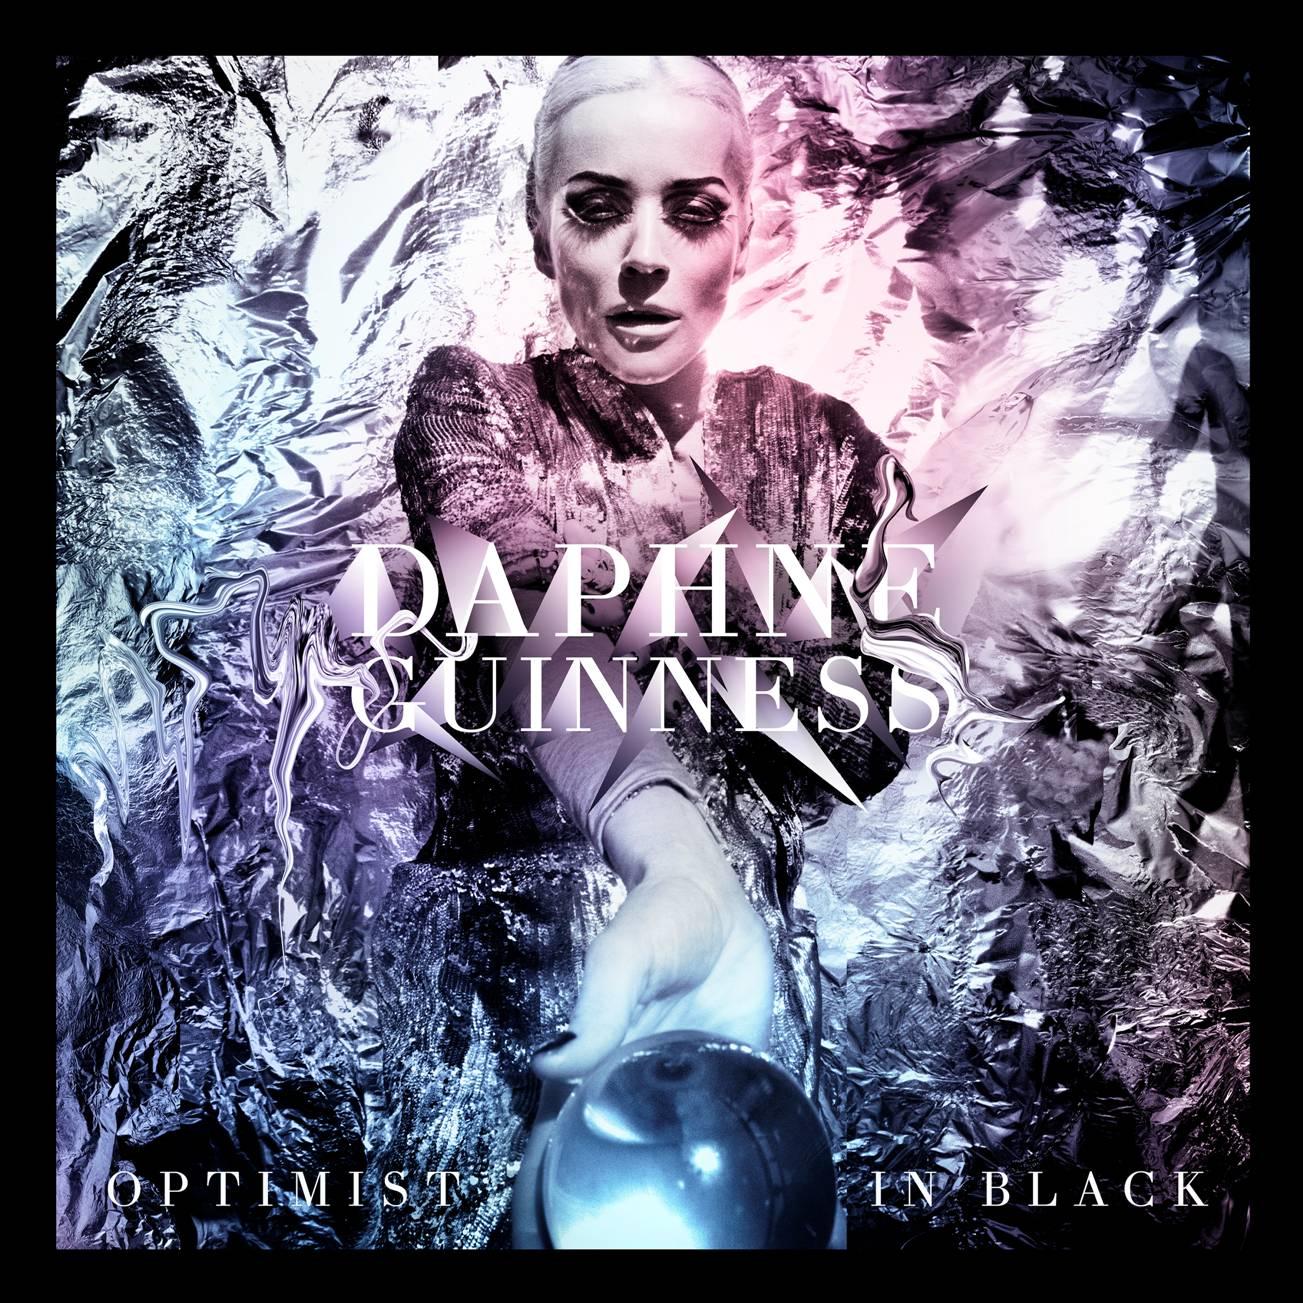 Optimist in Black (Limited Signed CD)